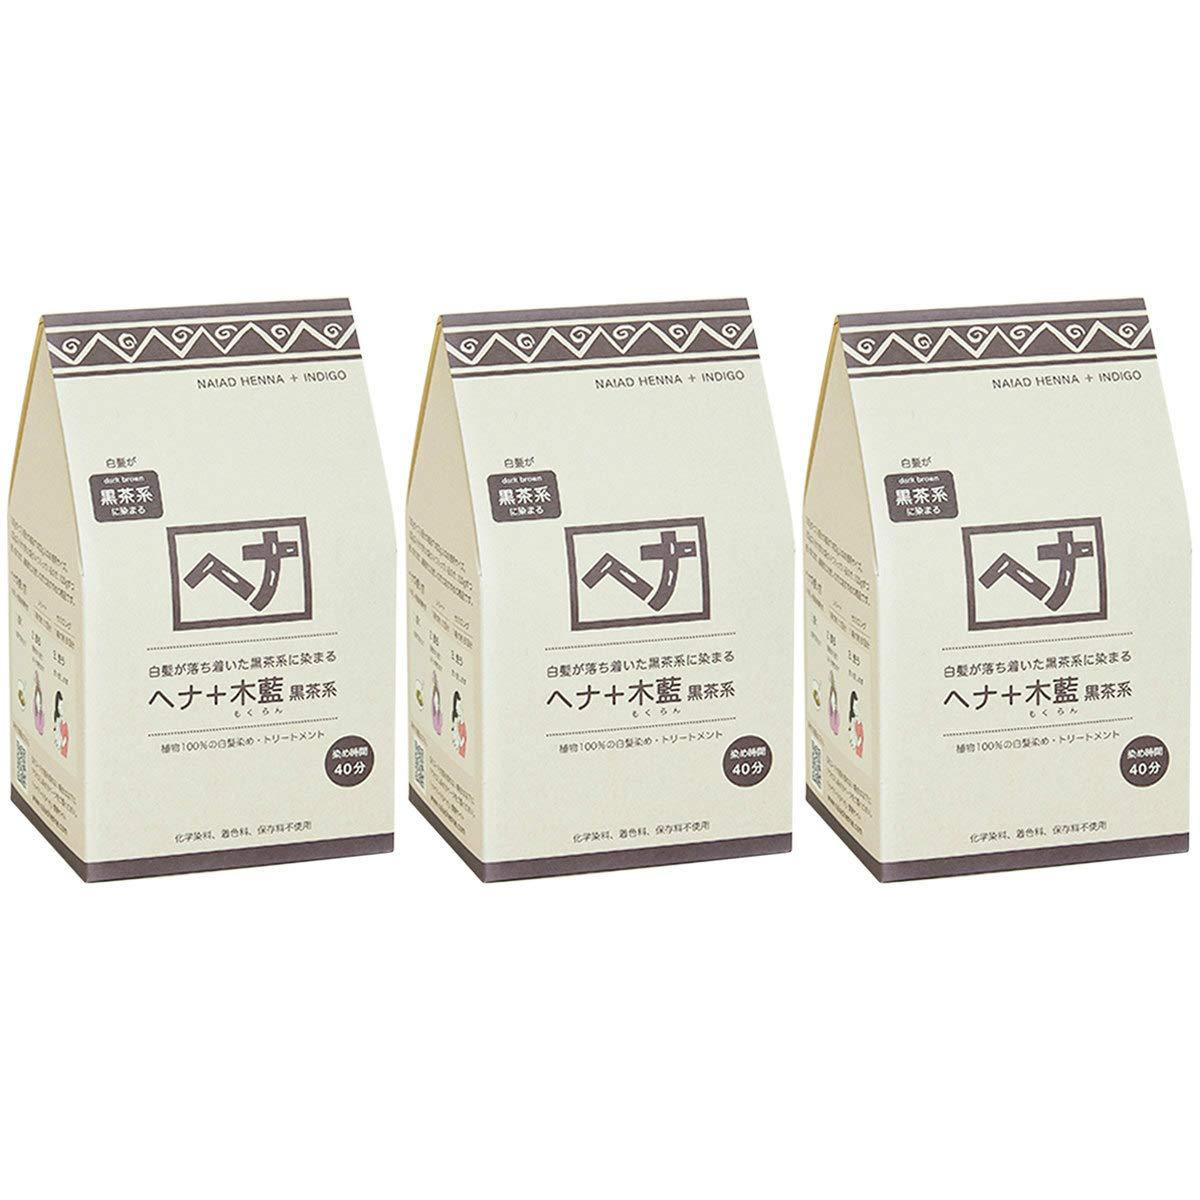 ナイアード ヘナ + 木藍 黒茶系 白髪が落ち着いた黒茶系に染まる 400g 3個セット B07S69LNMB